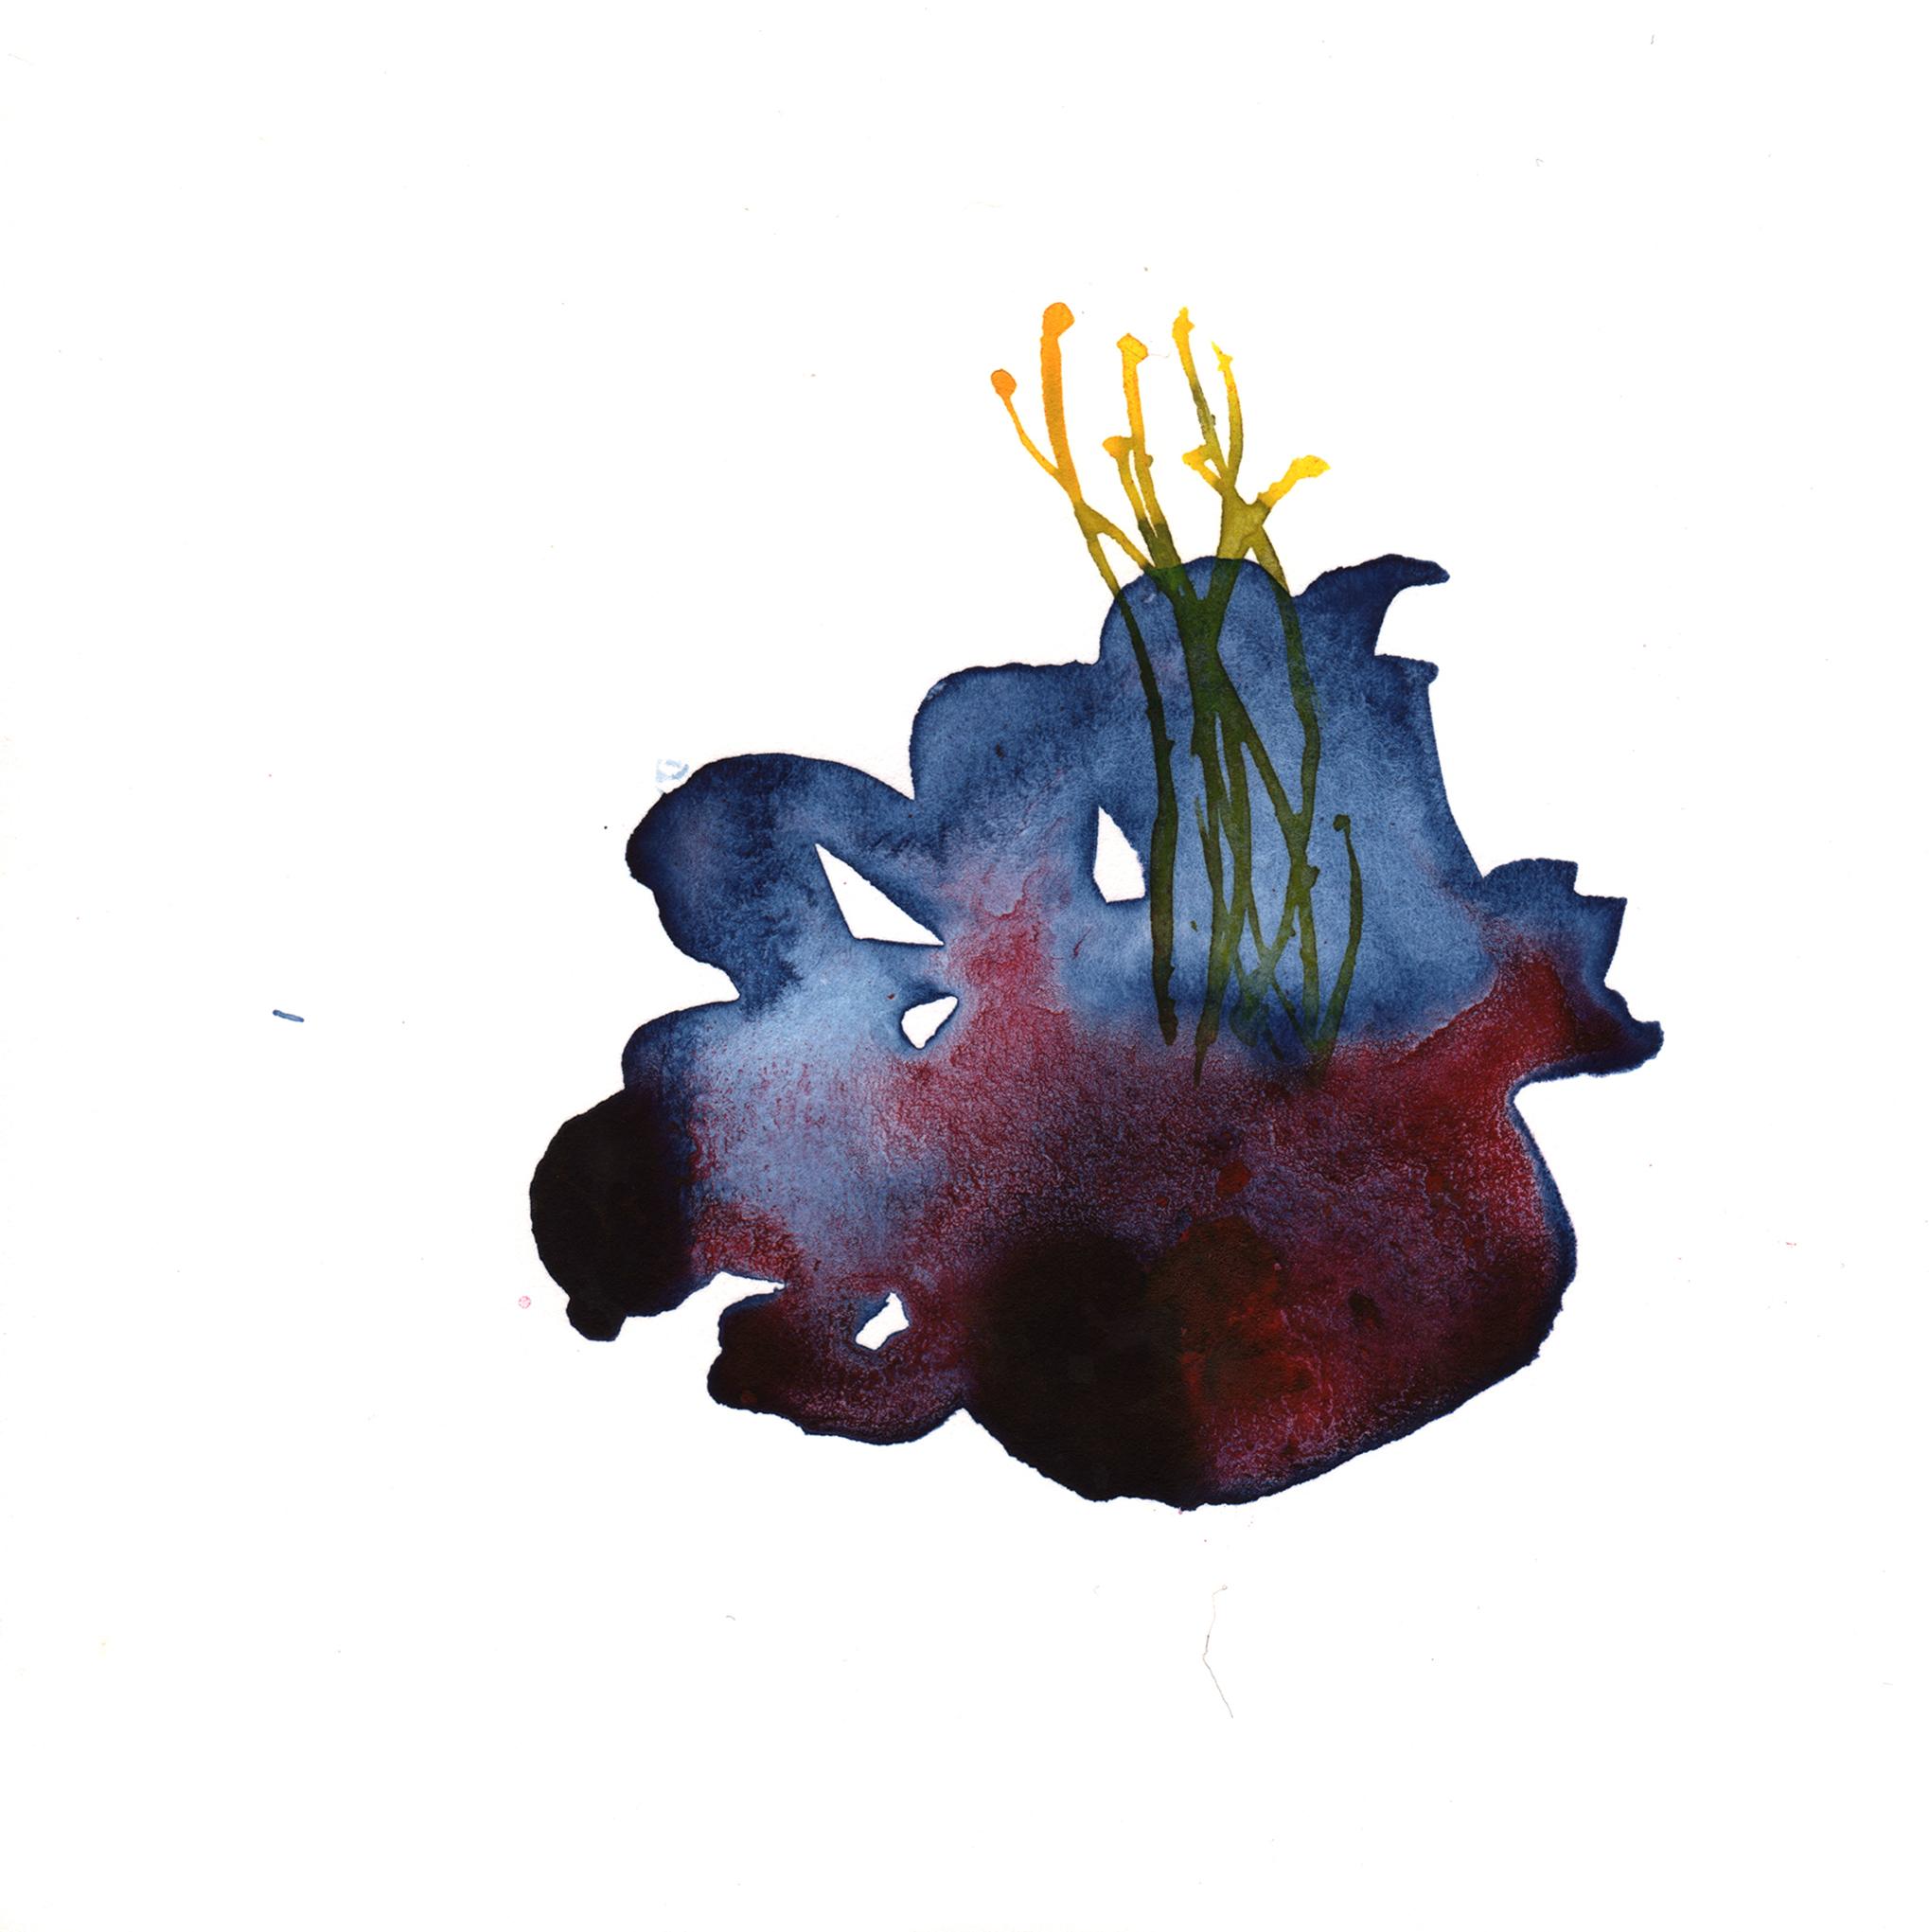 197.Blue.Pod.Flower.8.24.14.jpg